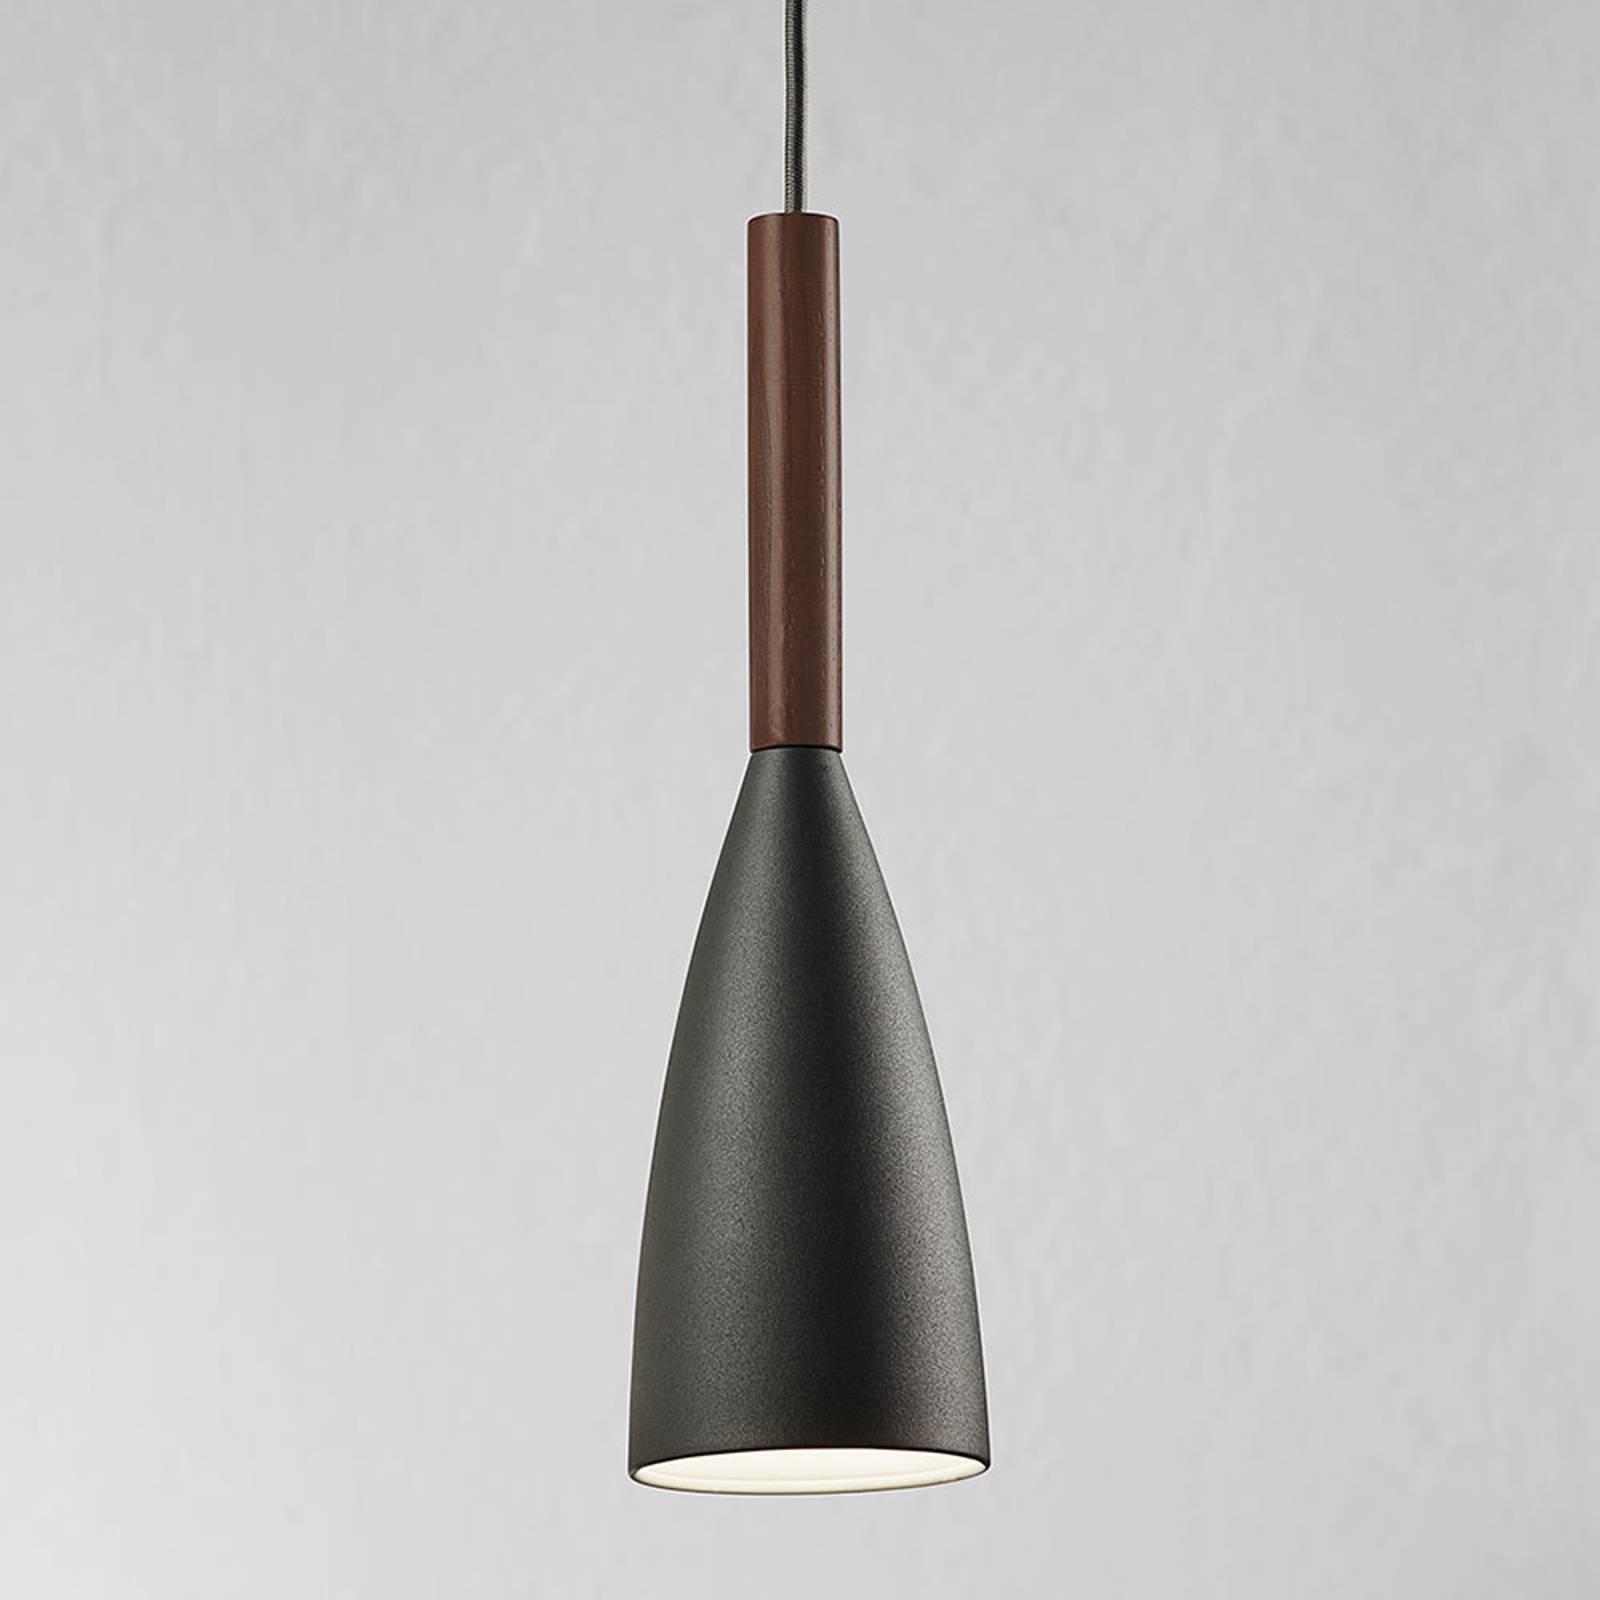 Lampa wisząca Pure z elementem drewnianym, szara